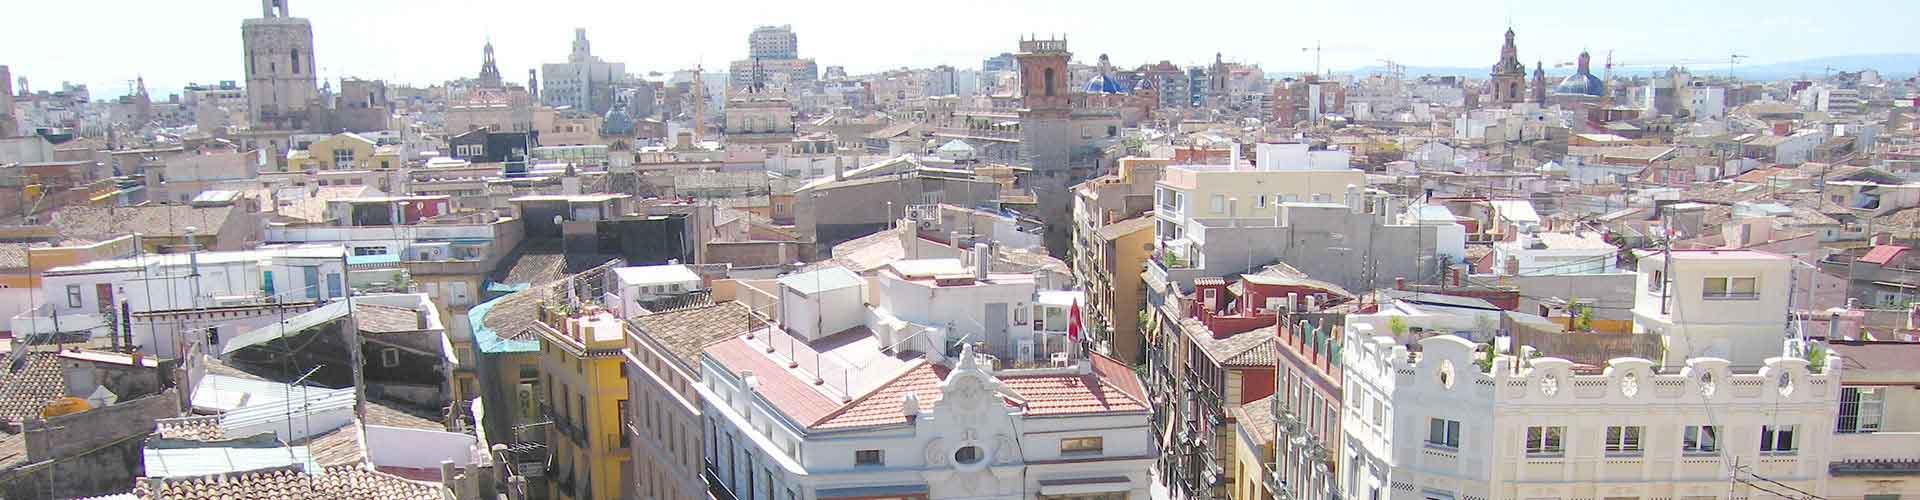 Valence - Auberges de jeunesse dans le quartier de Ciutat Vella. Cartes pour Valence, photos et commentaires pour chaque auberge de jeunesse à Valence.